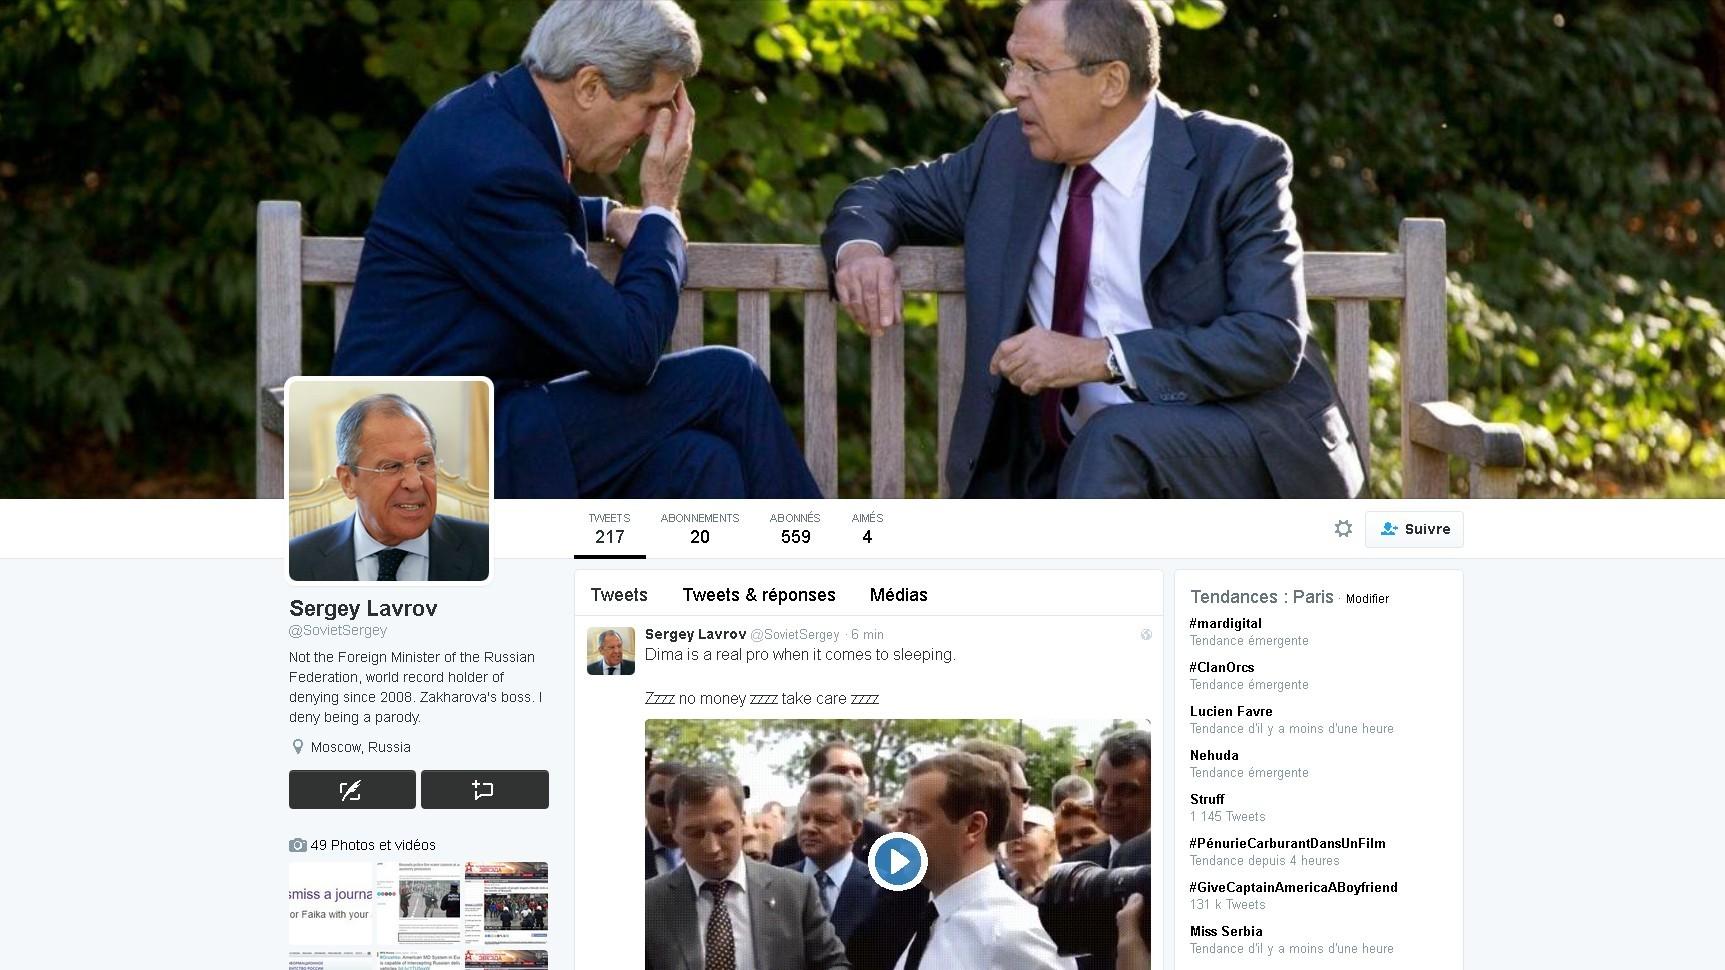 «Russophobie inconsciente» : Euronews justifie la publication d'un faux tweet de Sergueï Lavrov